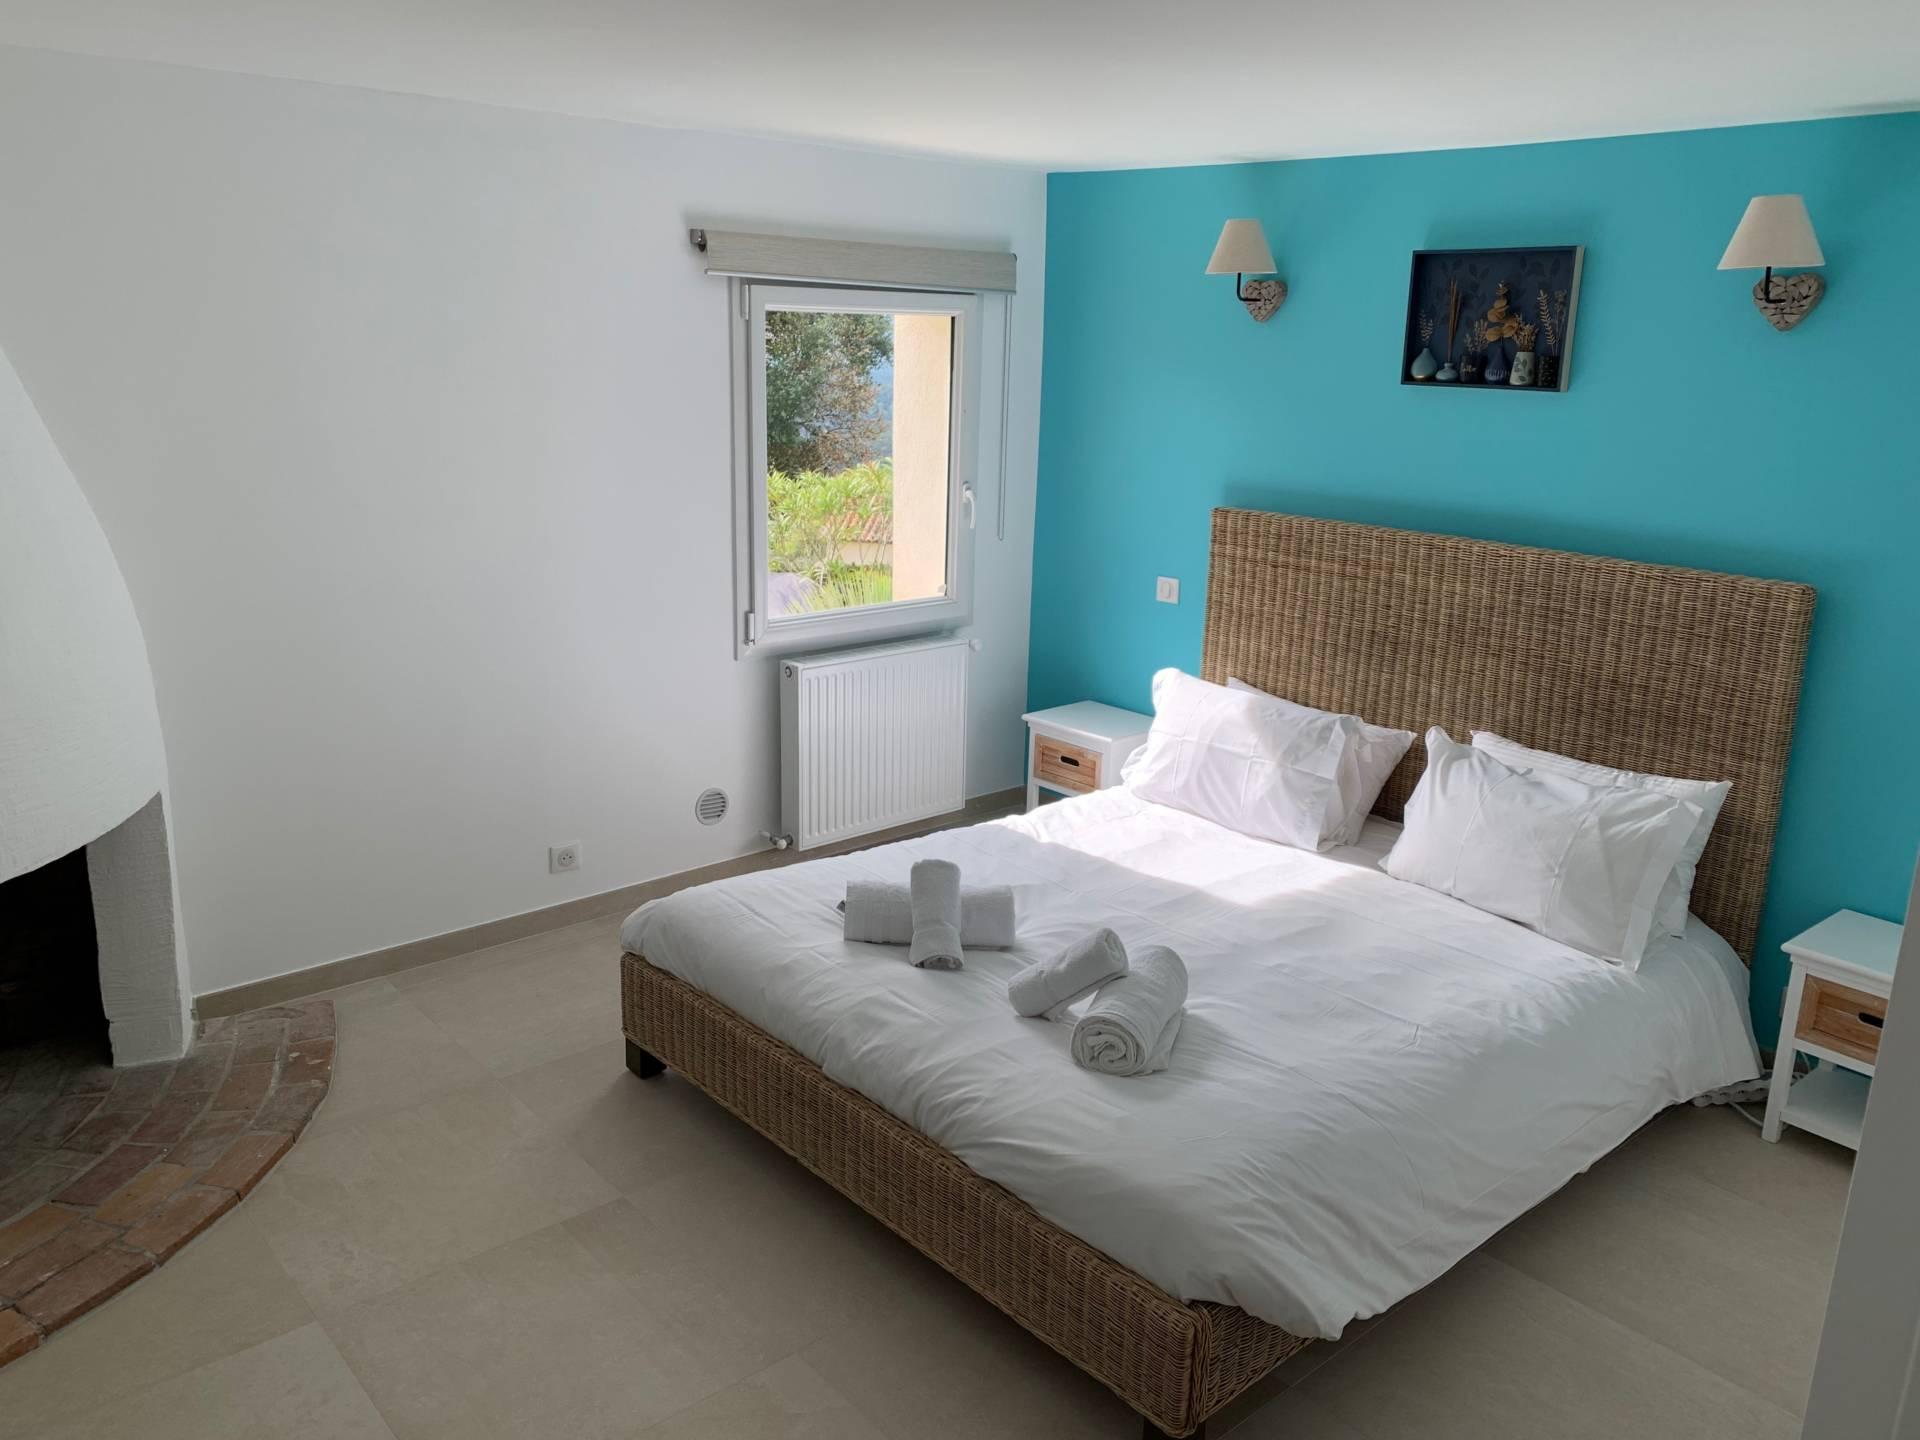 Aménagement d'un sous-sol de maison à Tanneron, par Sylvie Aldebert, Décoratrice UFDI à Antibes, Grasse 06